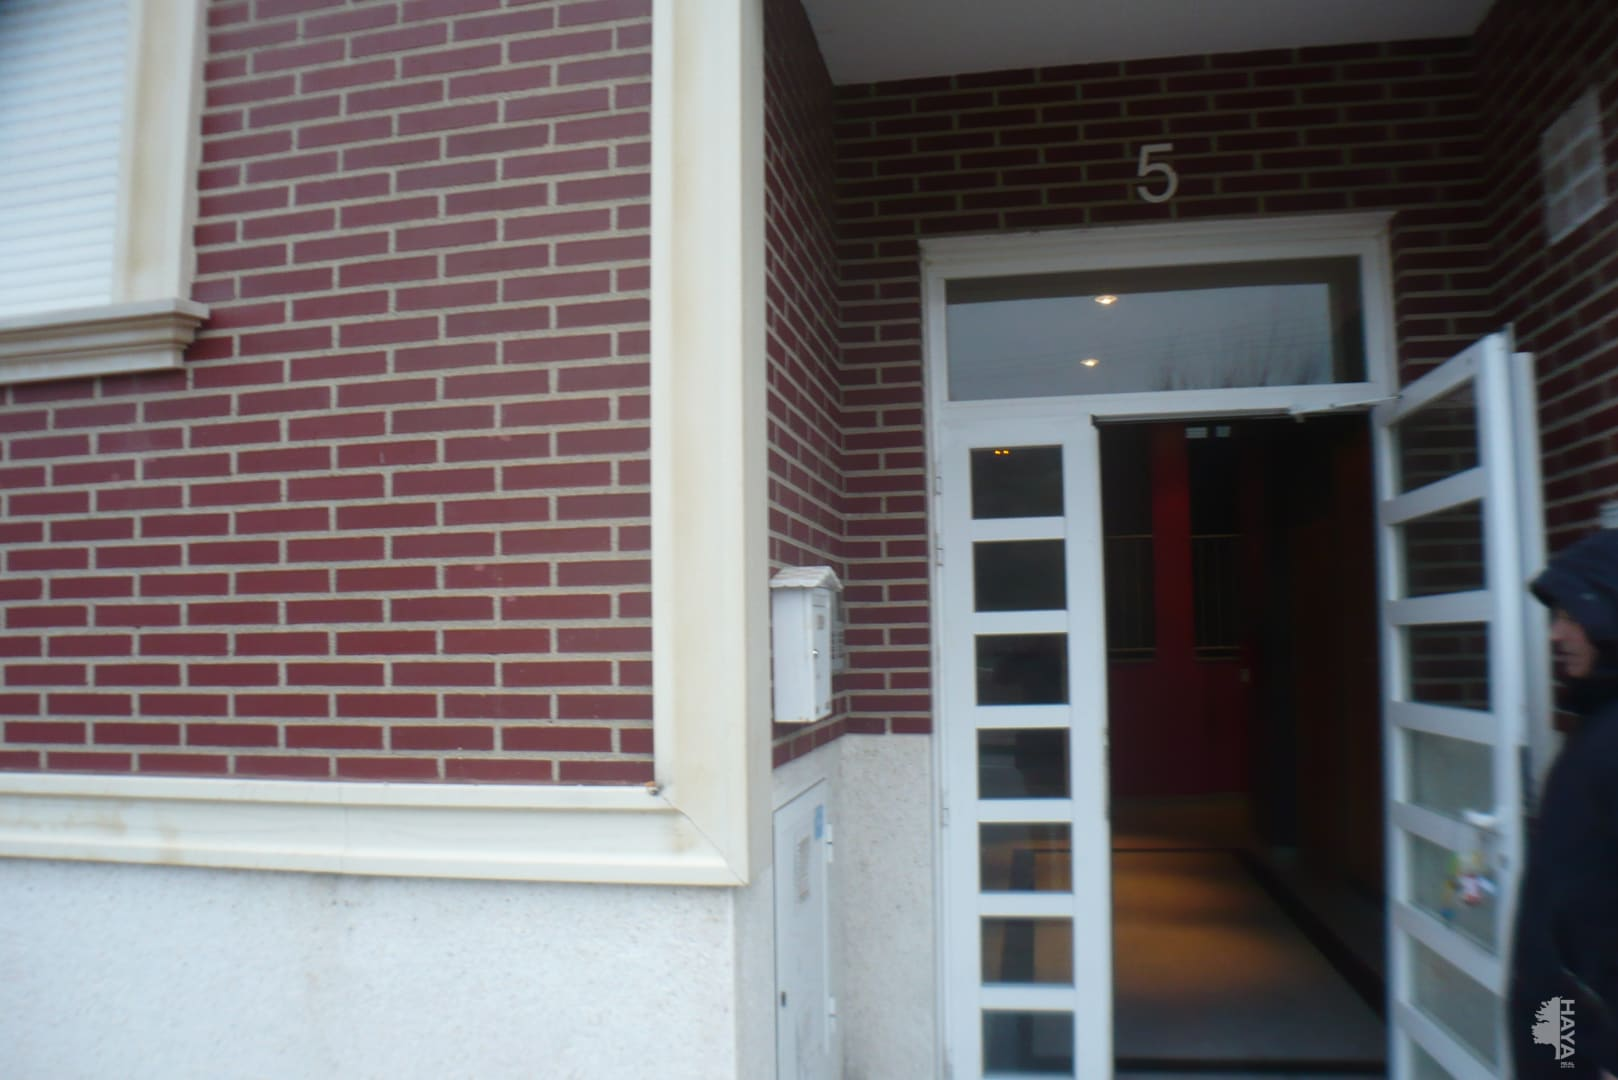 Piso en venta en Piso en Agoncillo, La Rioja, 55.000 €, 2 habitaciones, 1 baño, 60 m2